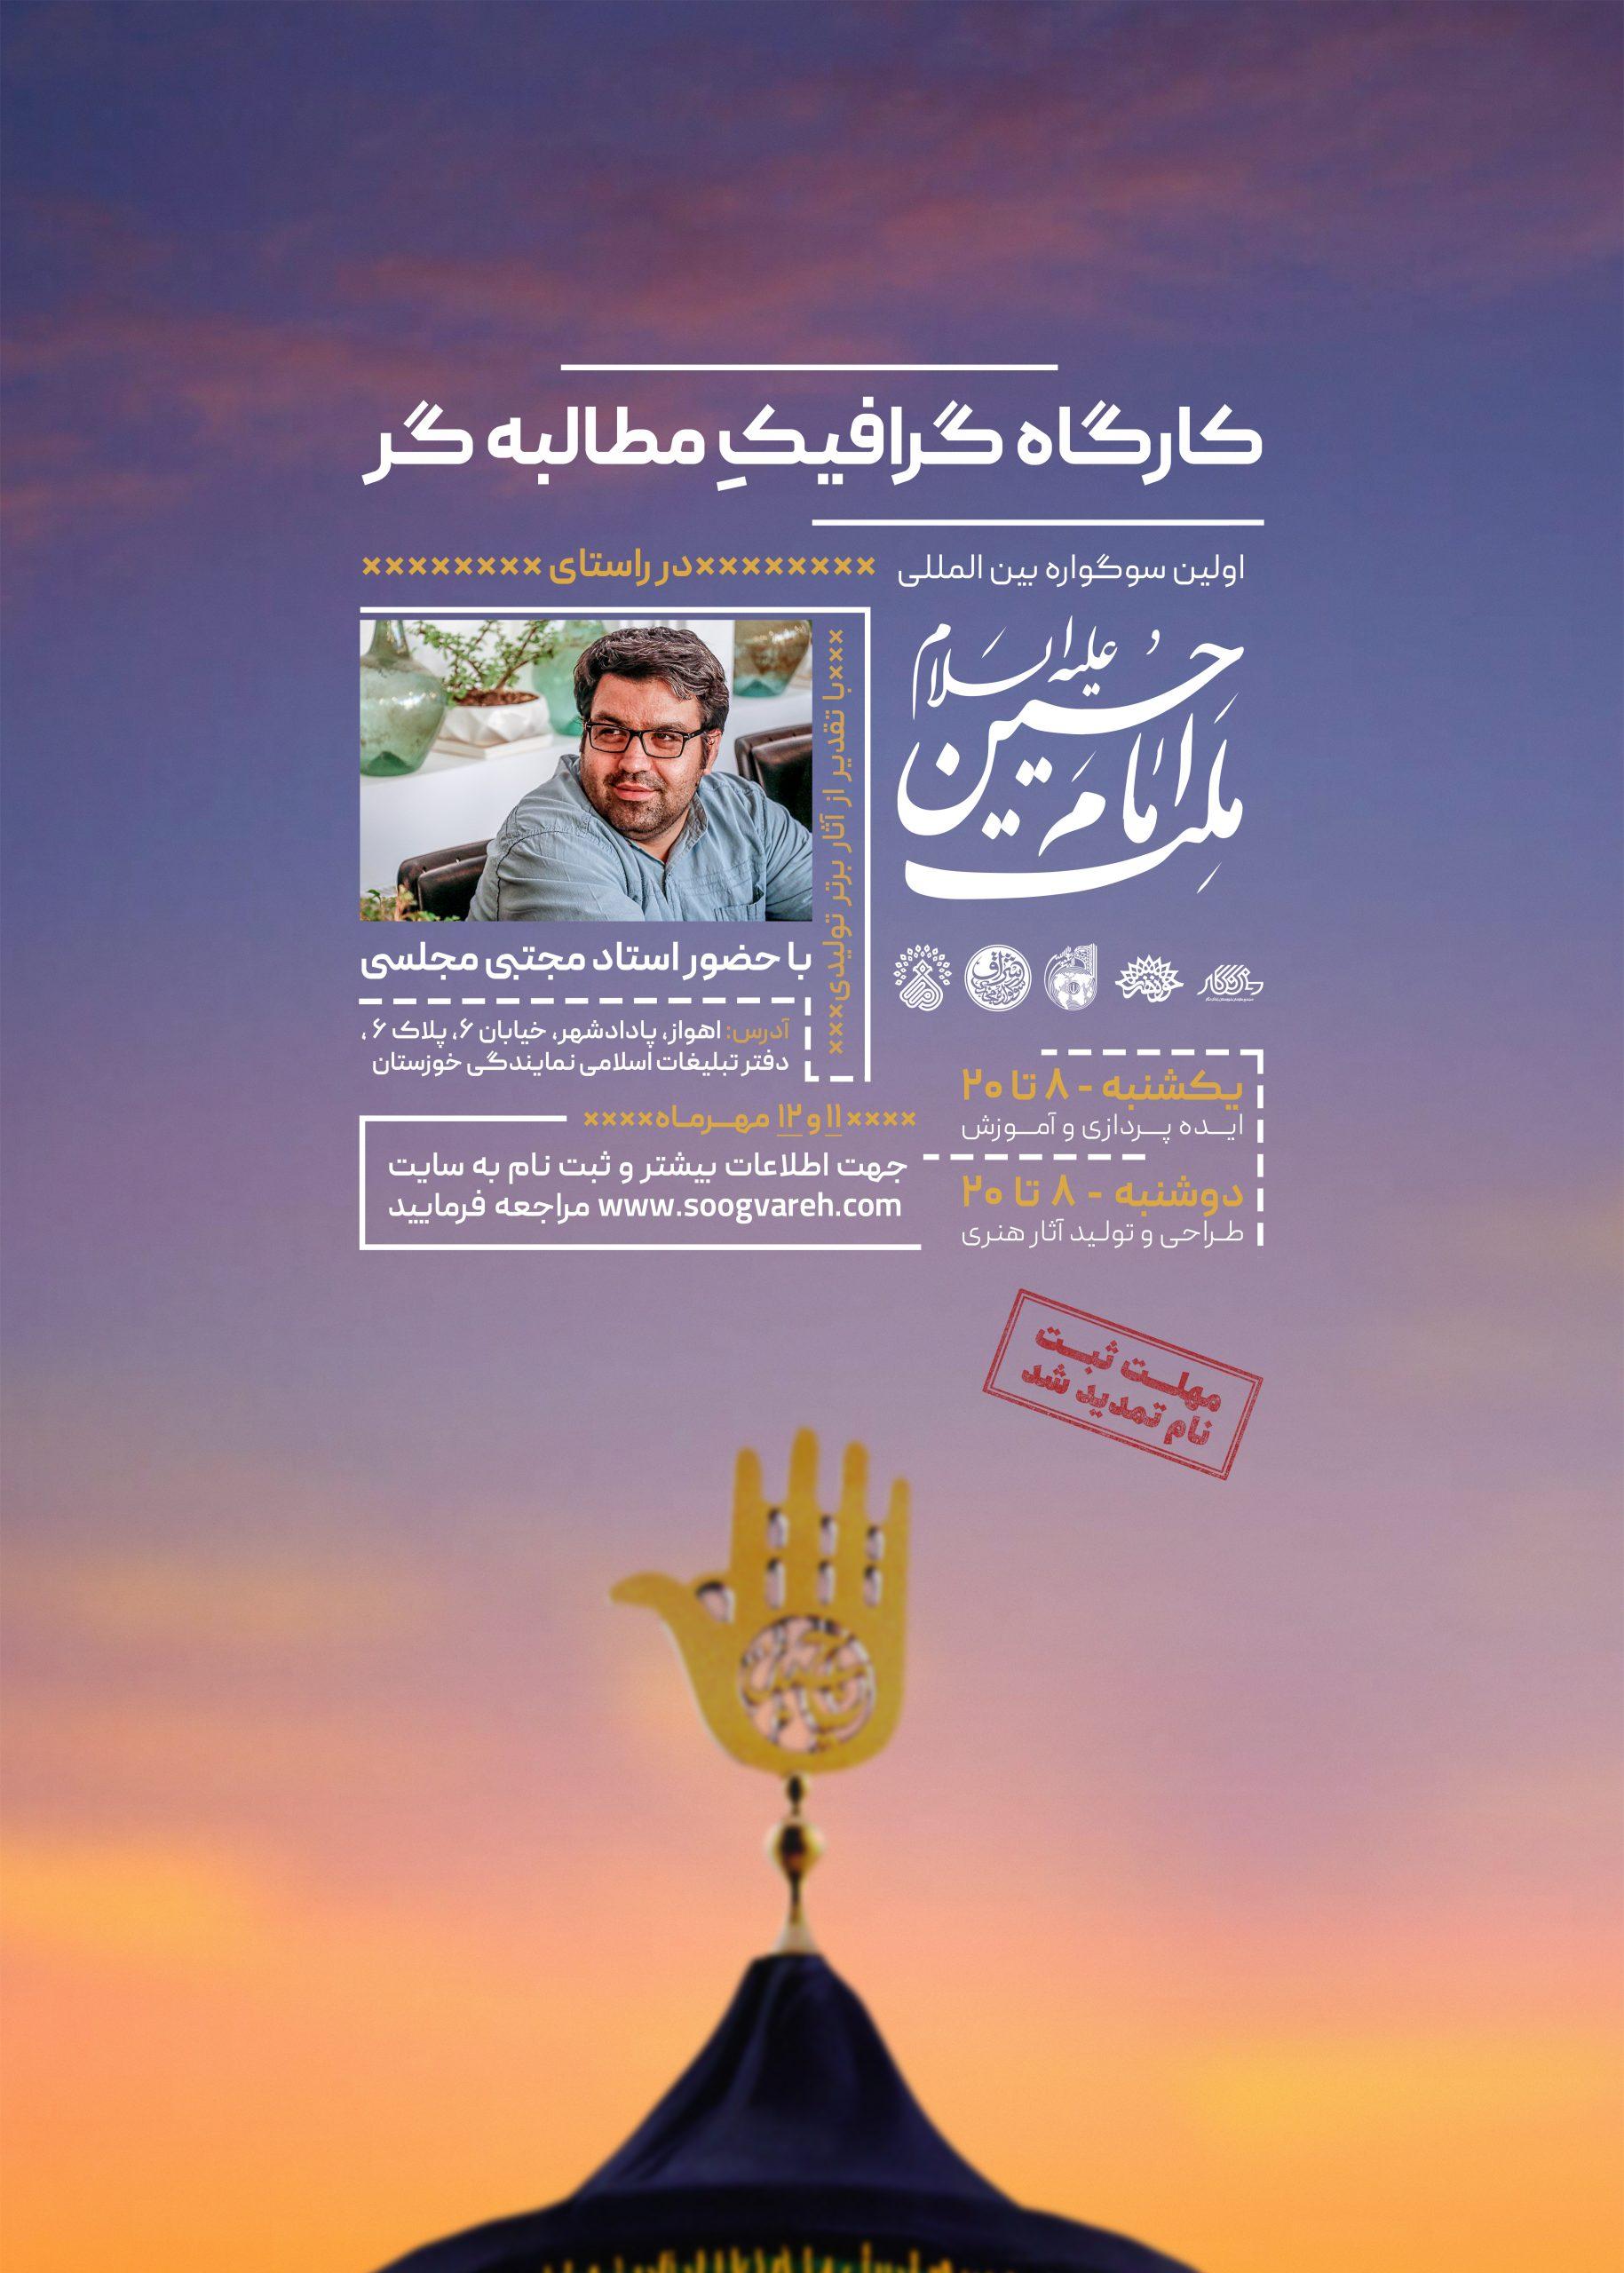 ثبت نام کارگاه گرافیکِ مطالبه گر (استان خوزستان)